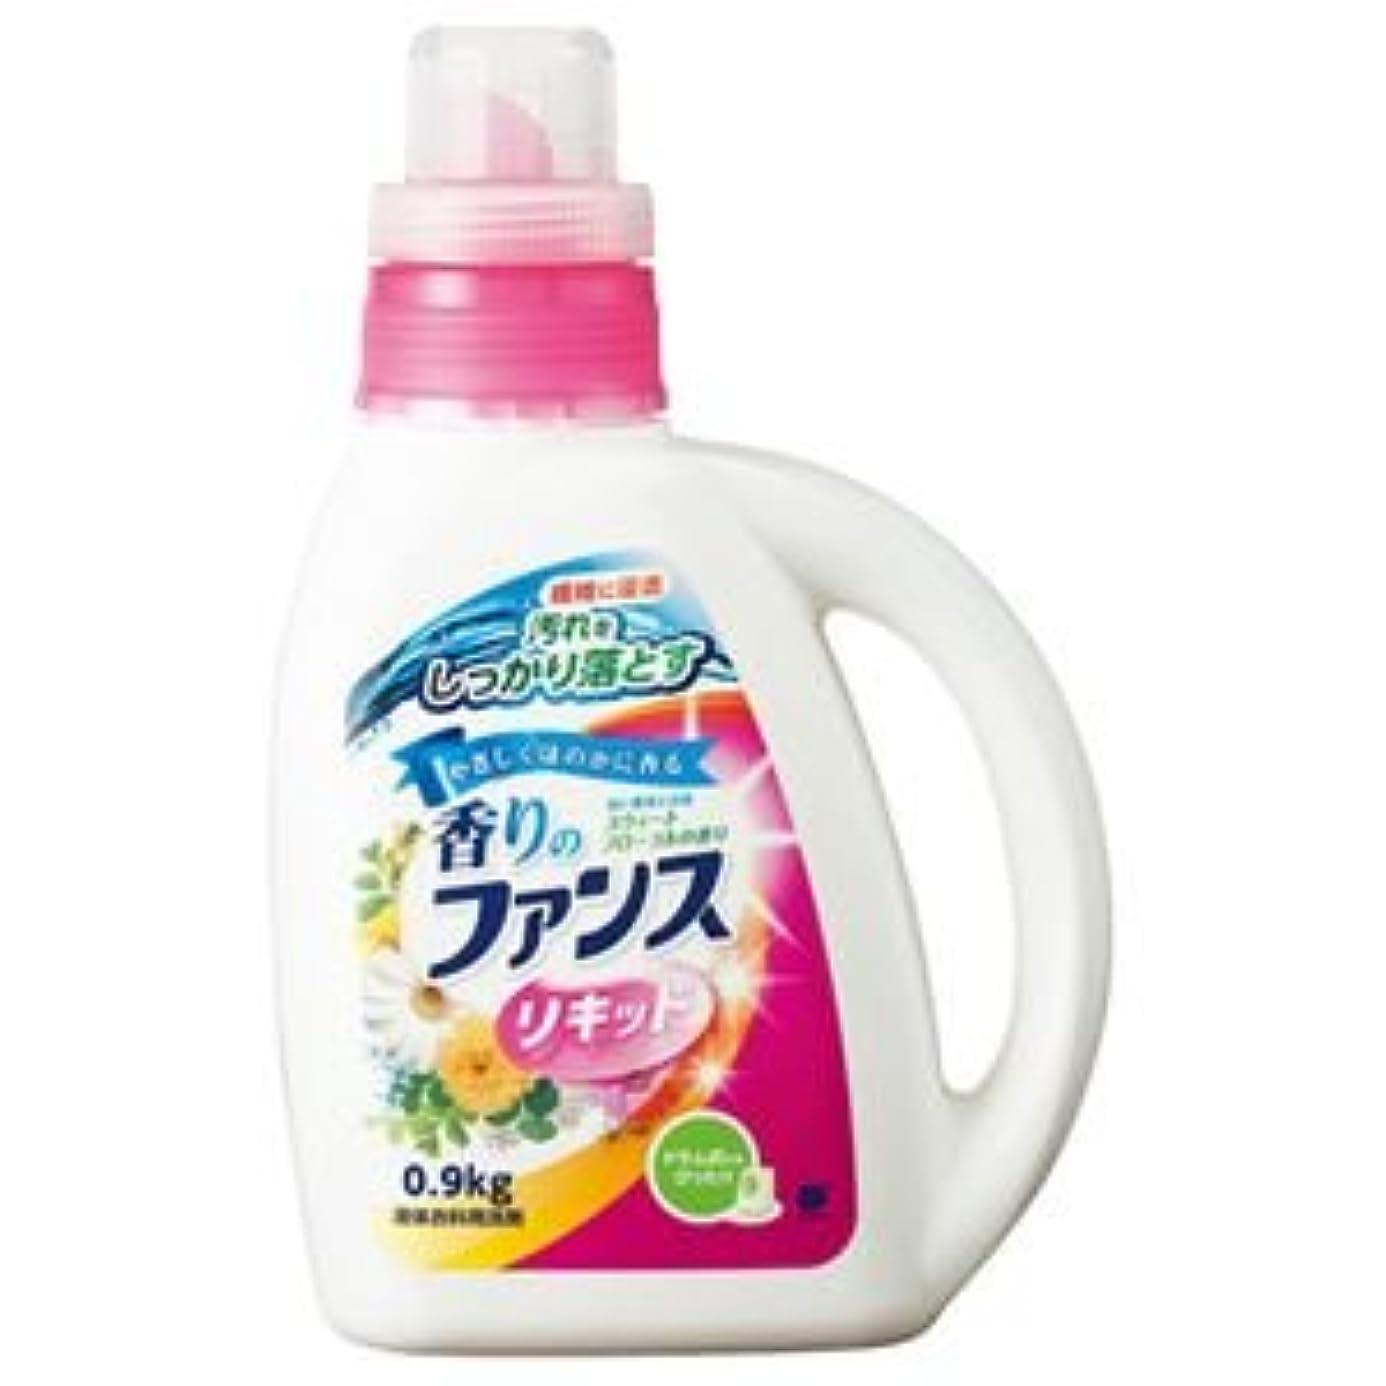 滝電気技師誘導(まとめ) 第一石鹸 香りのファンス 液体衣料用洗剤リキッド 本体 0.9kg 1本 【×10セット】